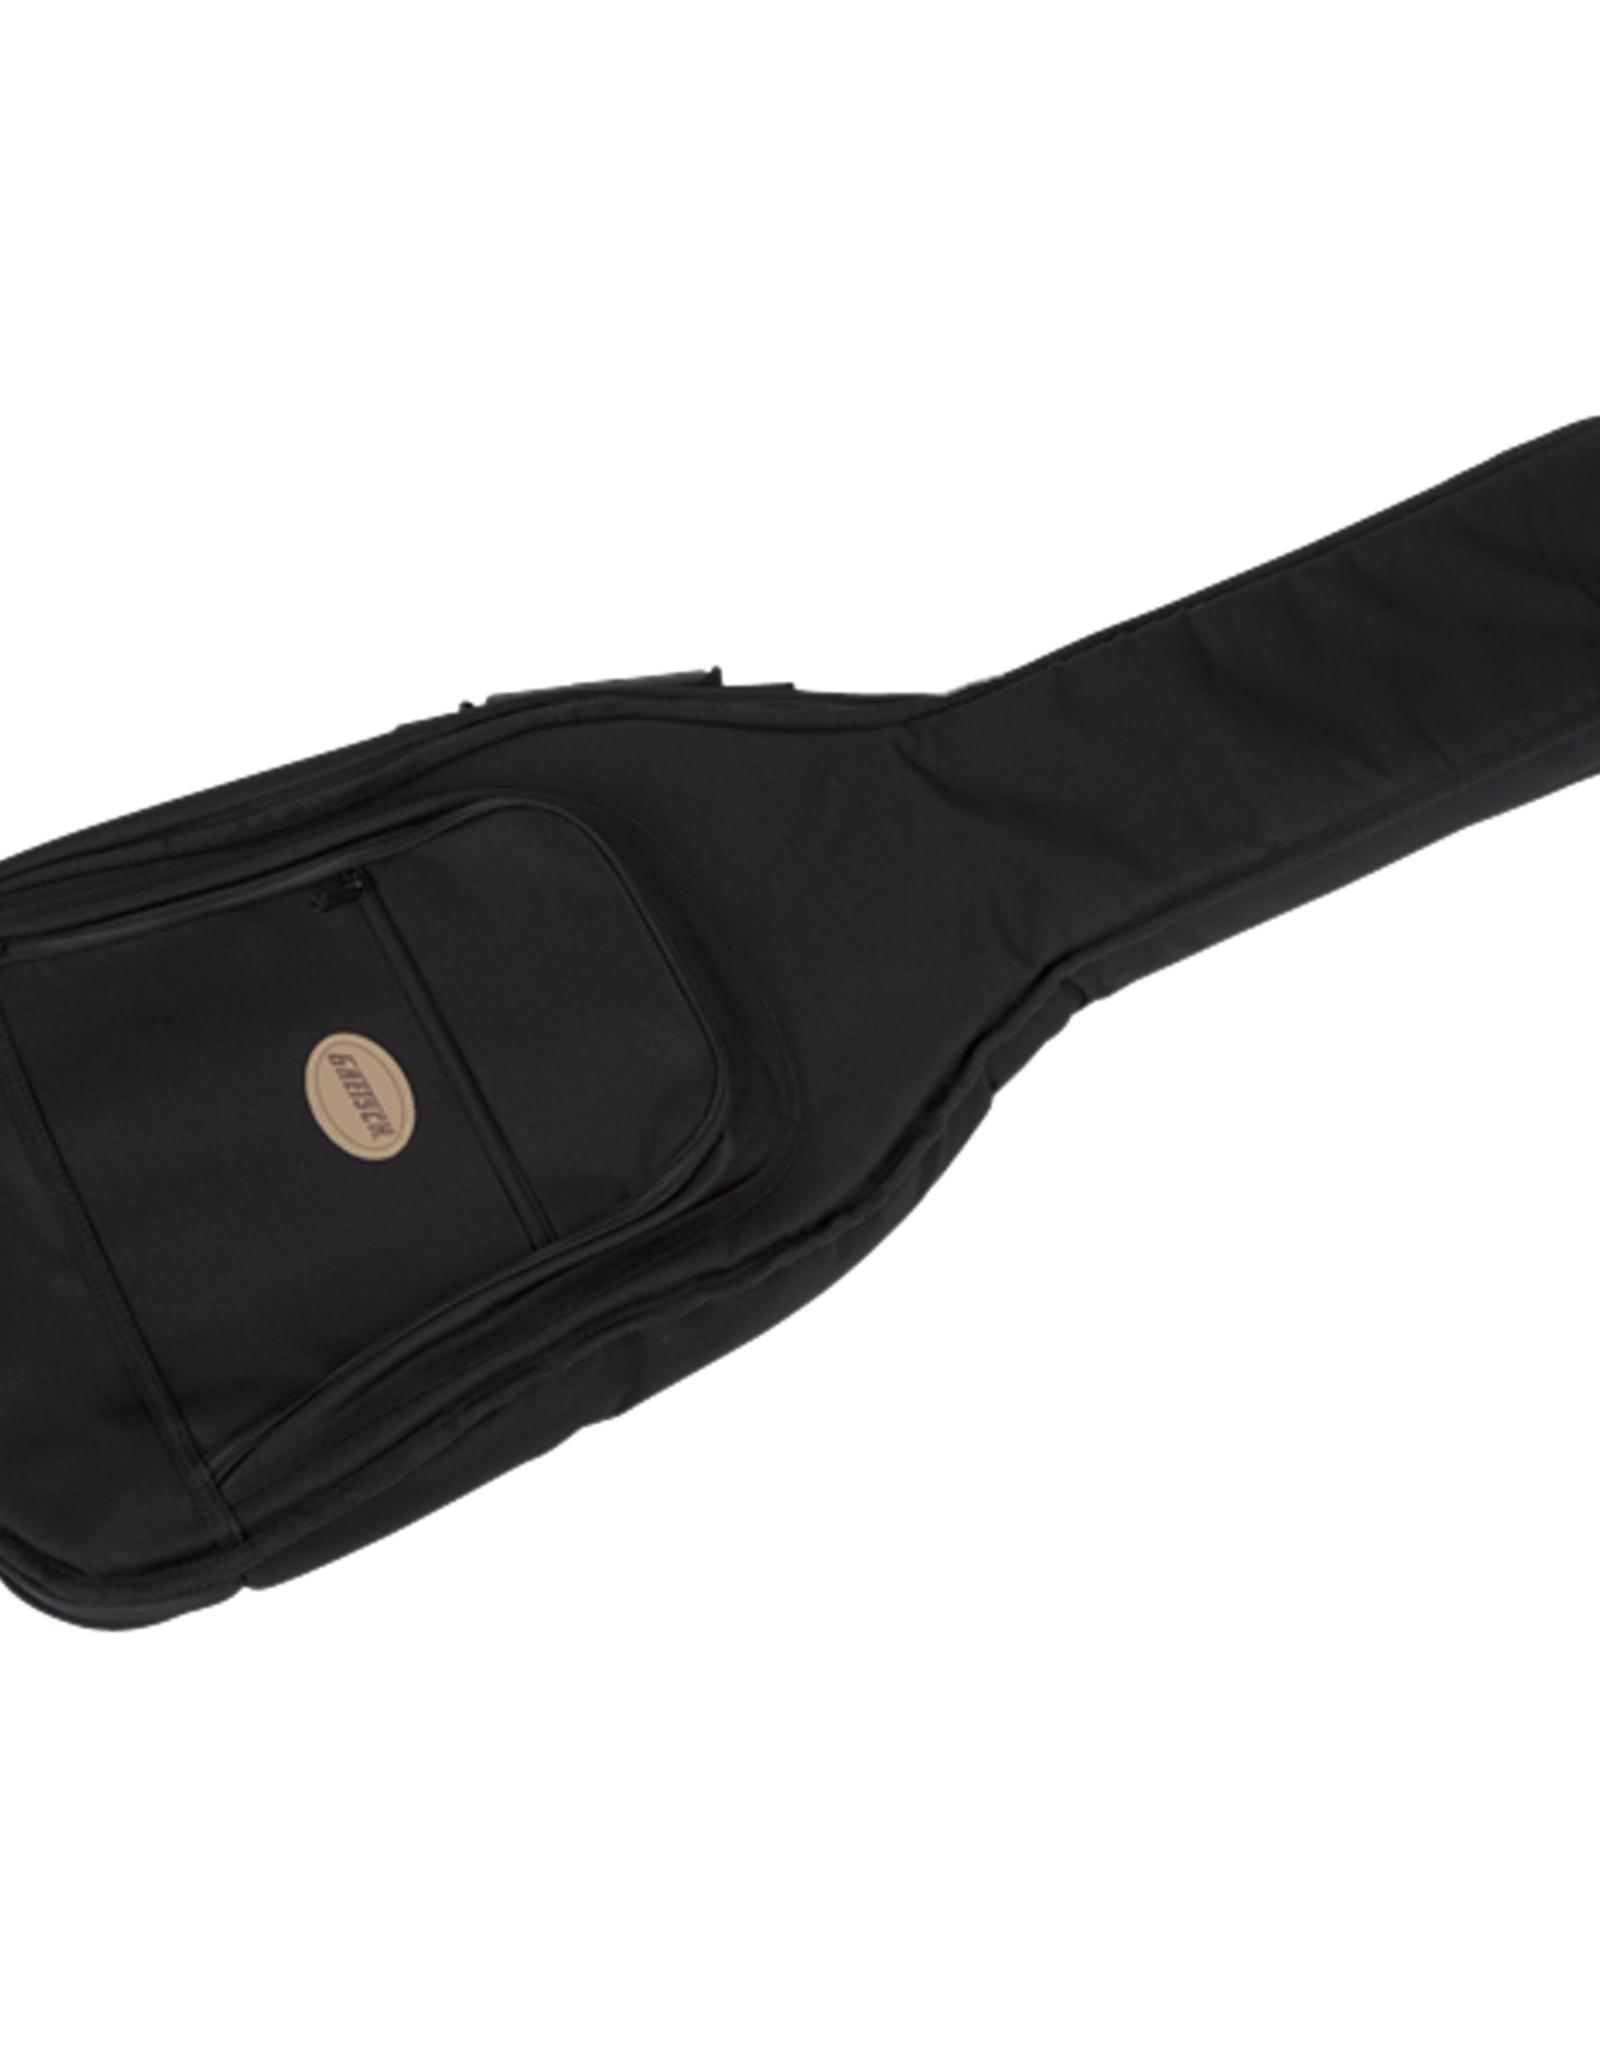 Gretsch Gretsch G2168 Jet Baritone/Junior Jet Bass Gig Bag, Black